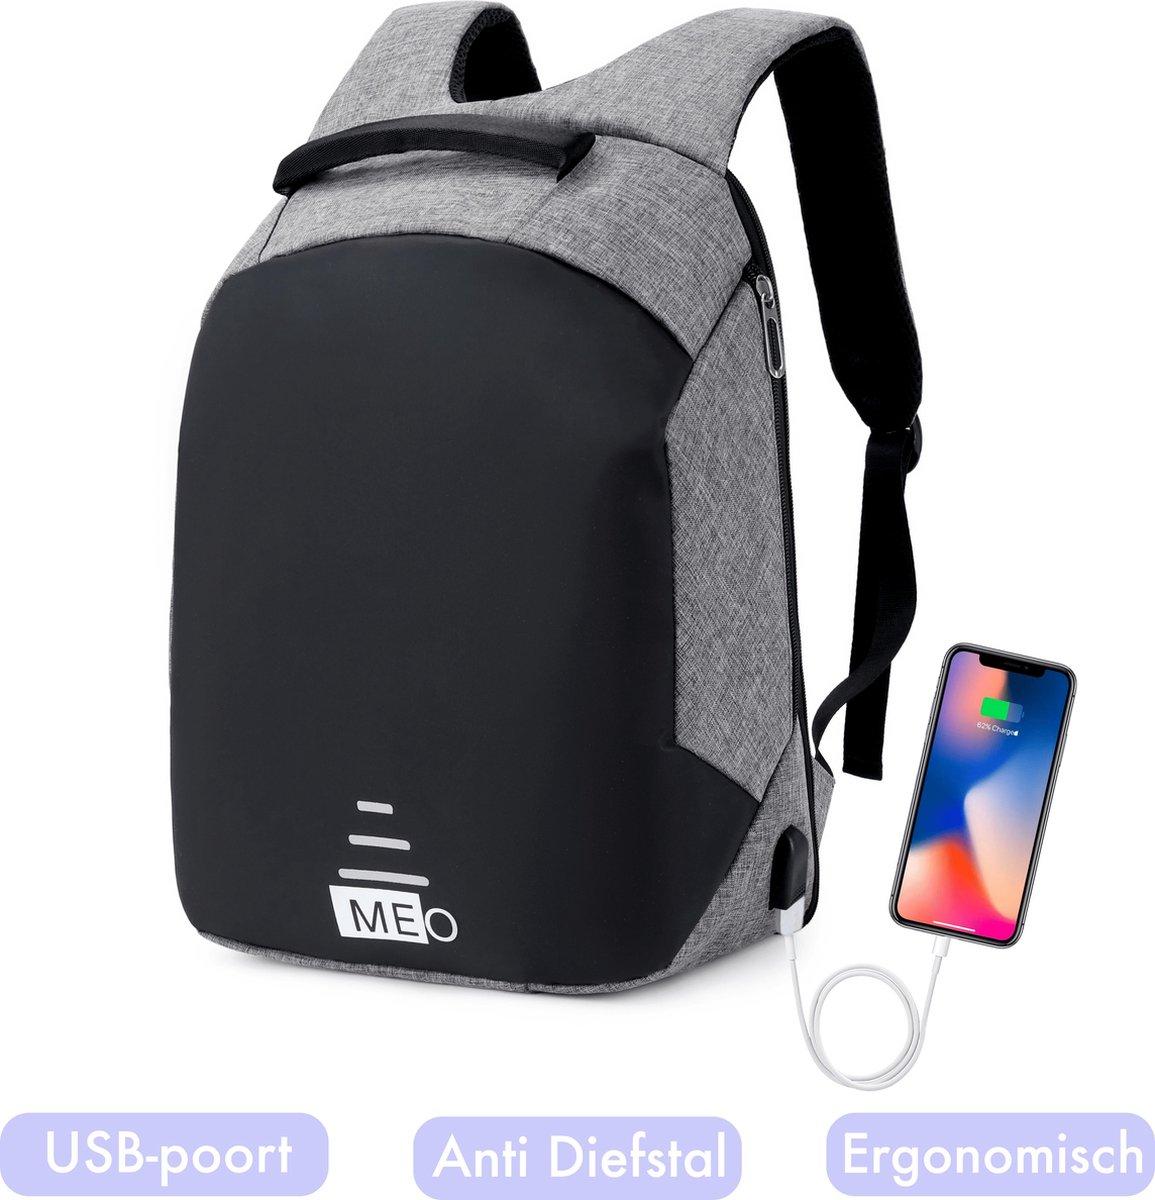 Meo Laptop Rugzak met USB poort – Anti-diefstal Rugzak - Unisex – Waterdichte Rugzak - 20 liter – Zw